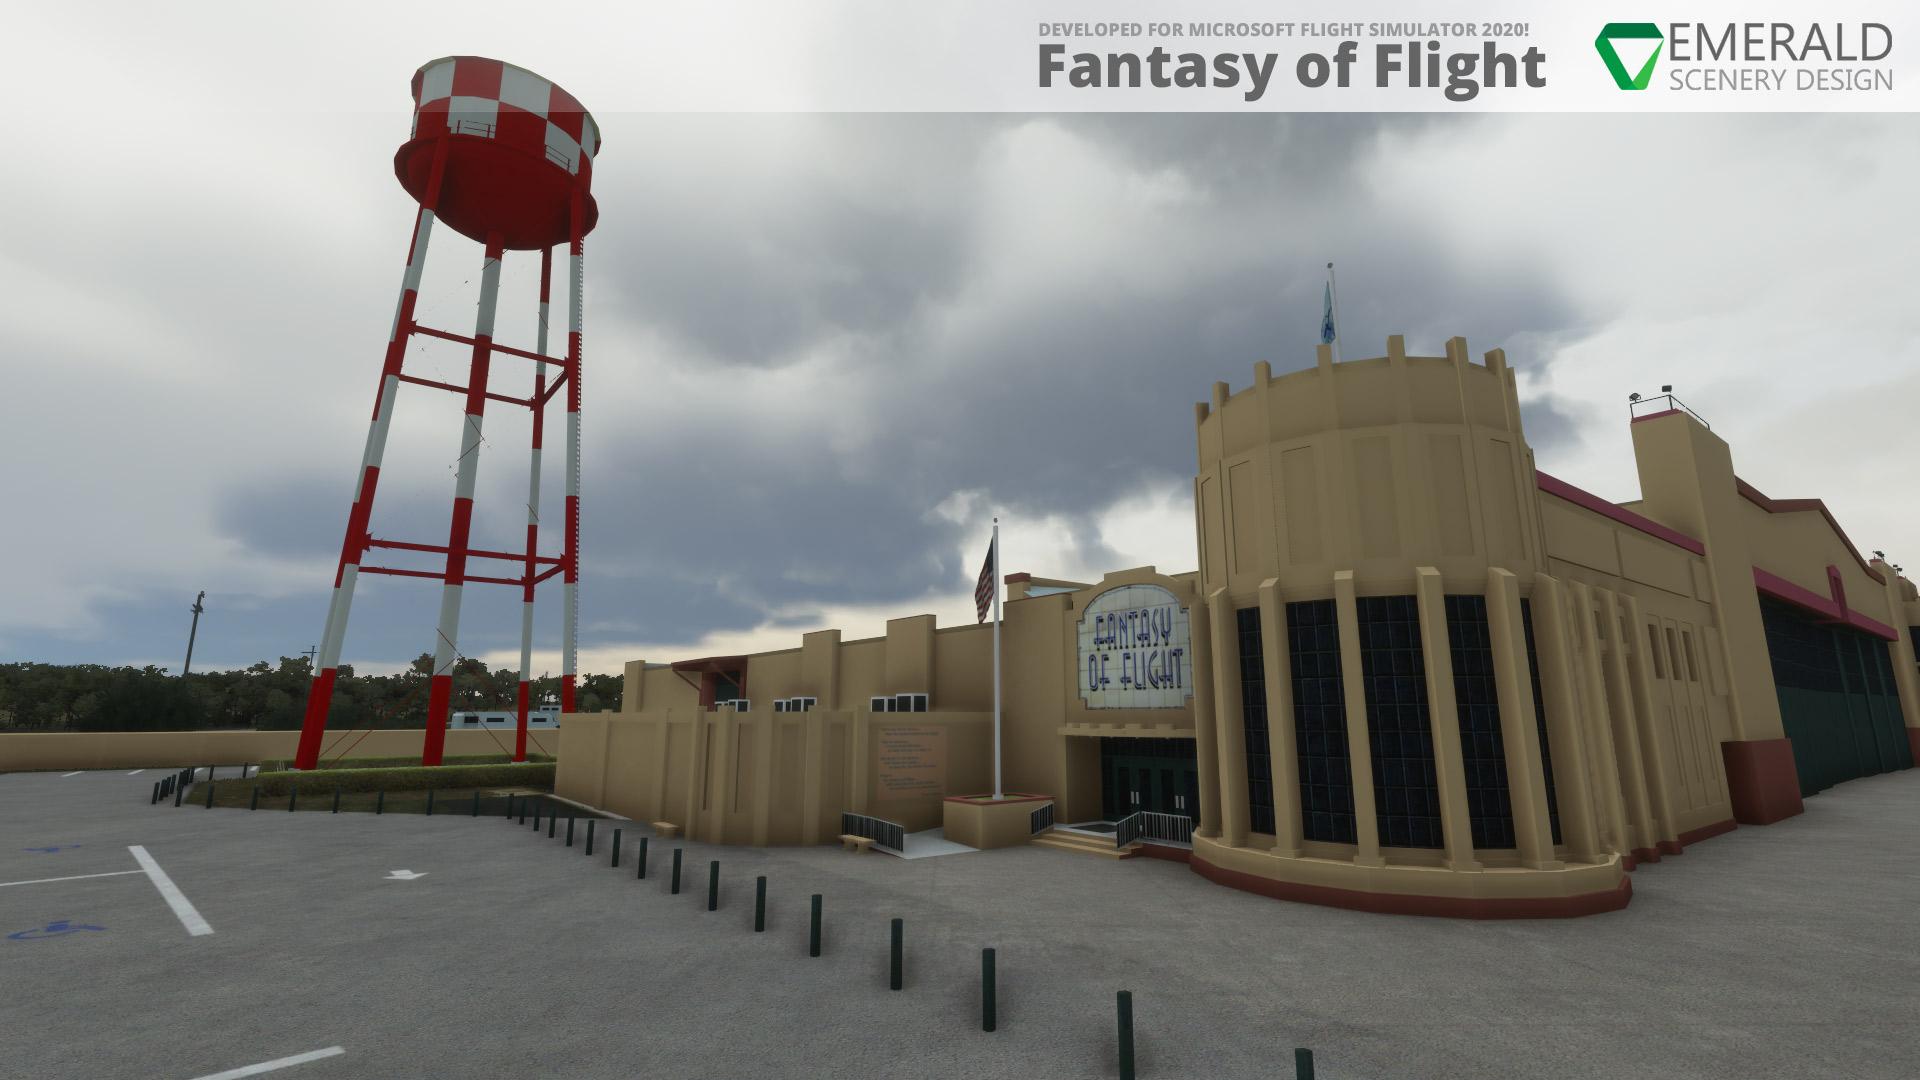 esd_fantasy_of_flight_dev_0.4.0_1.jpg